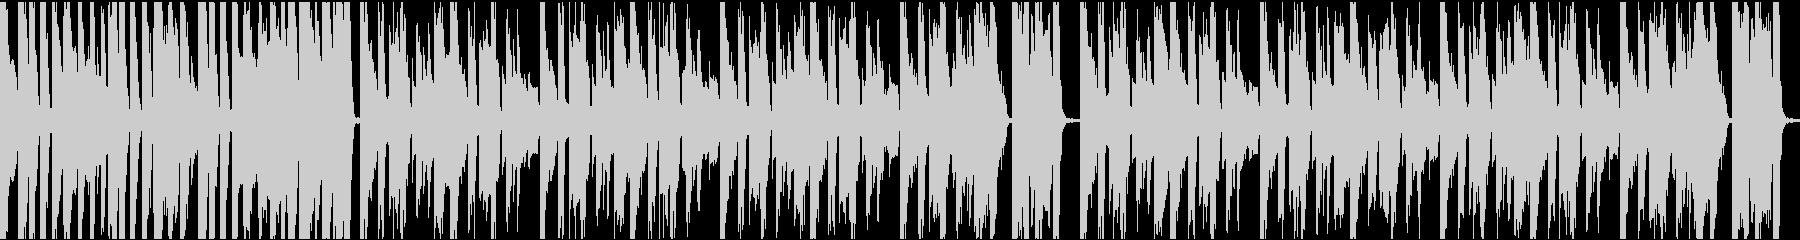 9秒でサビ、イケイケ/カラオケループの未再生の波形